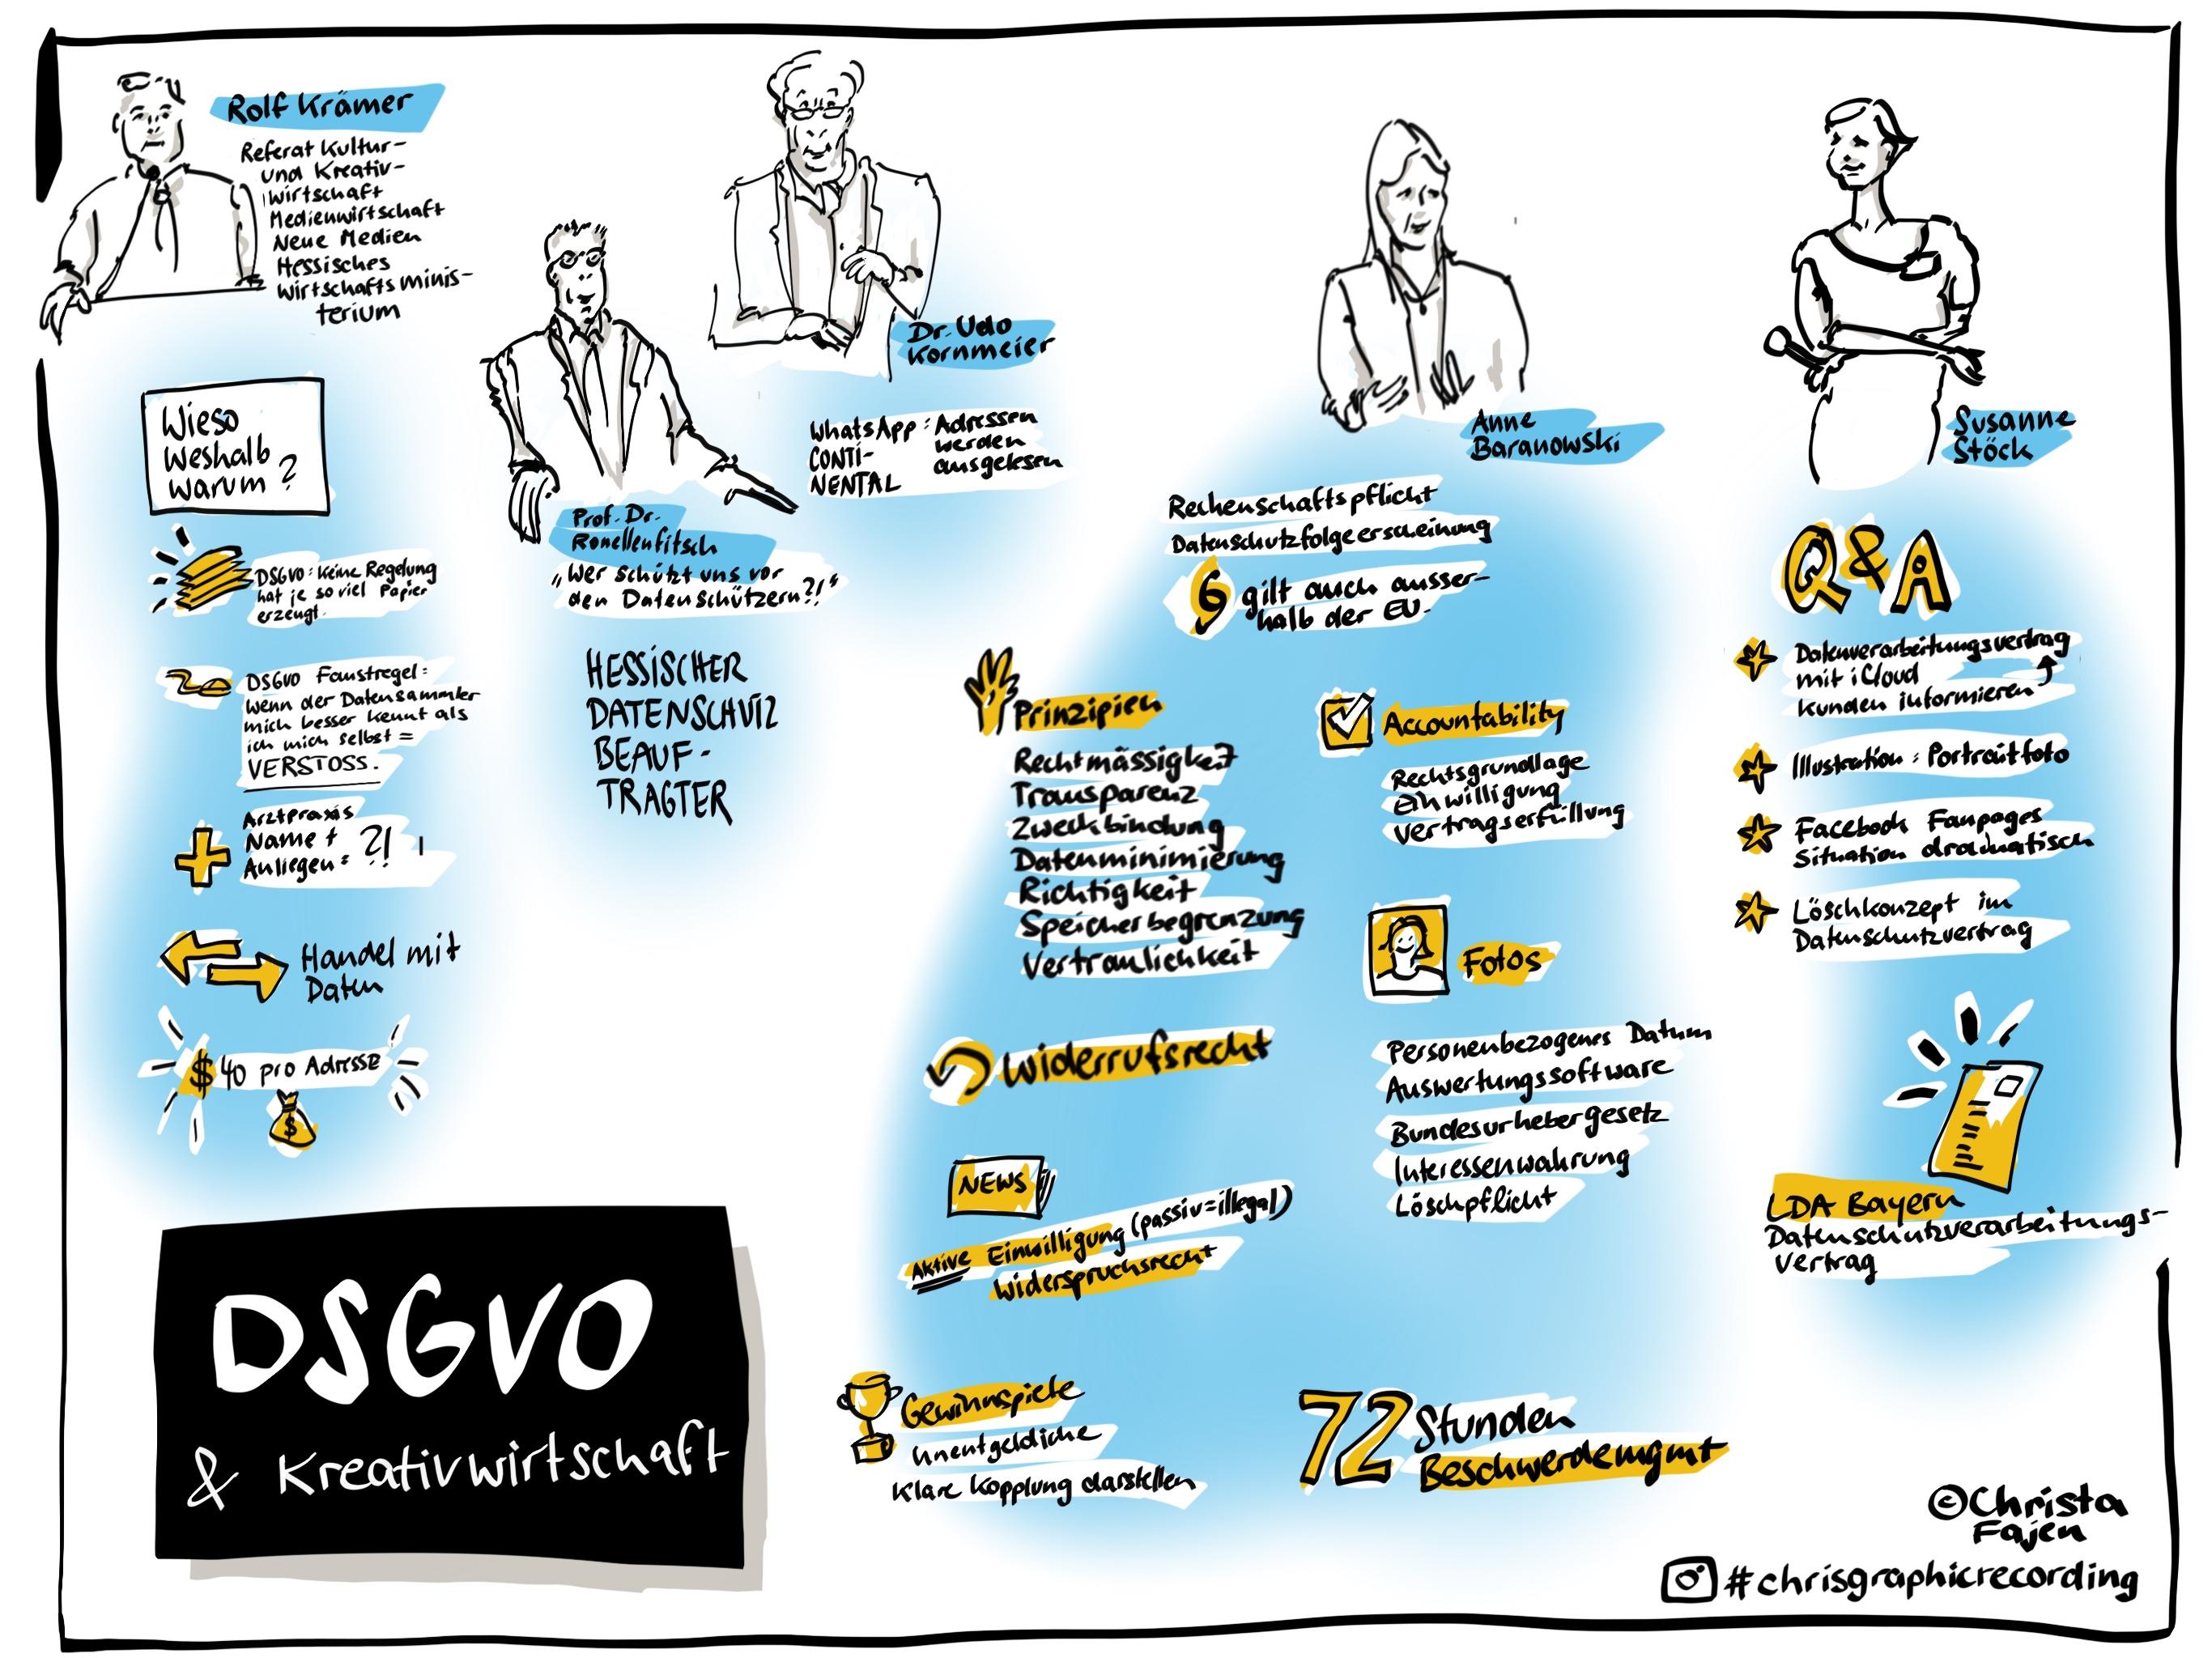 DSGVO_Kreativwirtschaft